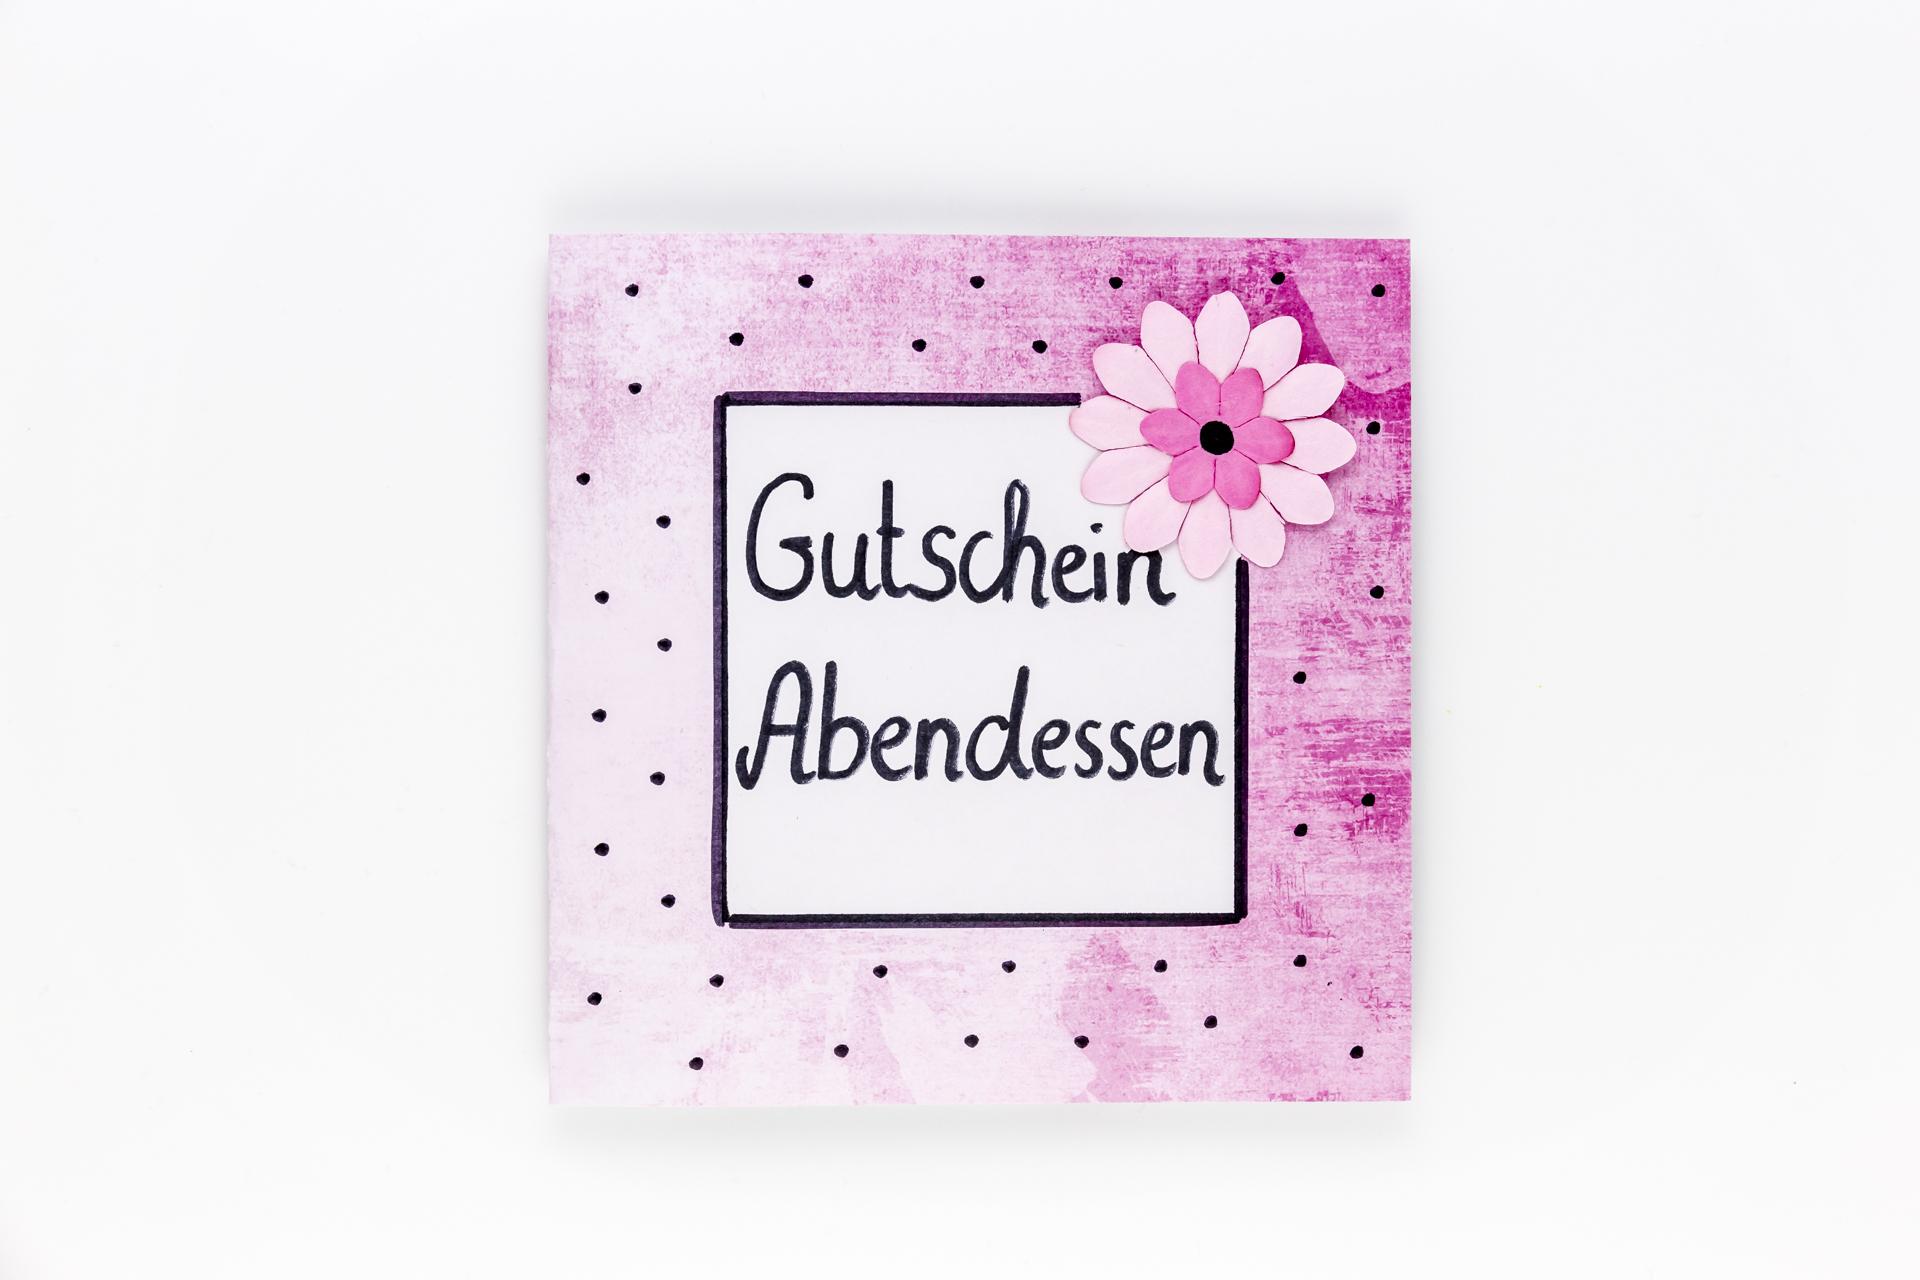 Fabelhaft Gutscheine für Mama- selbstgemachte Geschenke zum Muttertag NT18